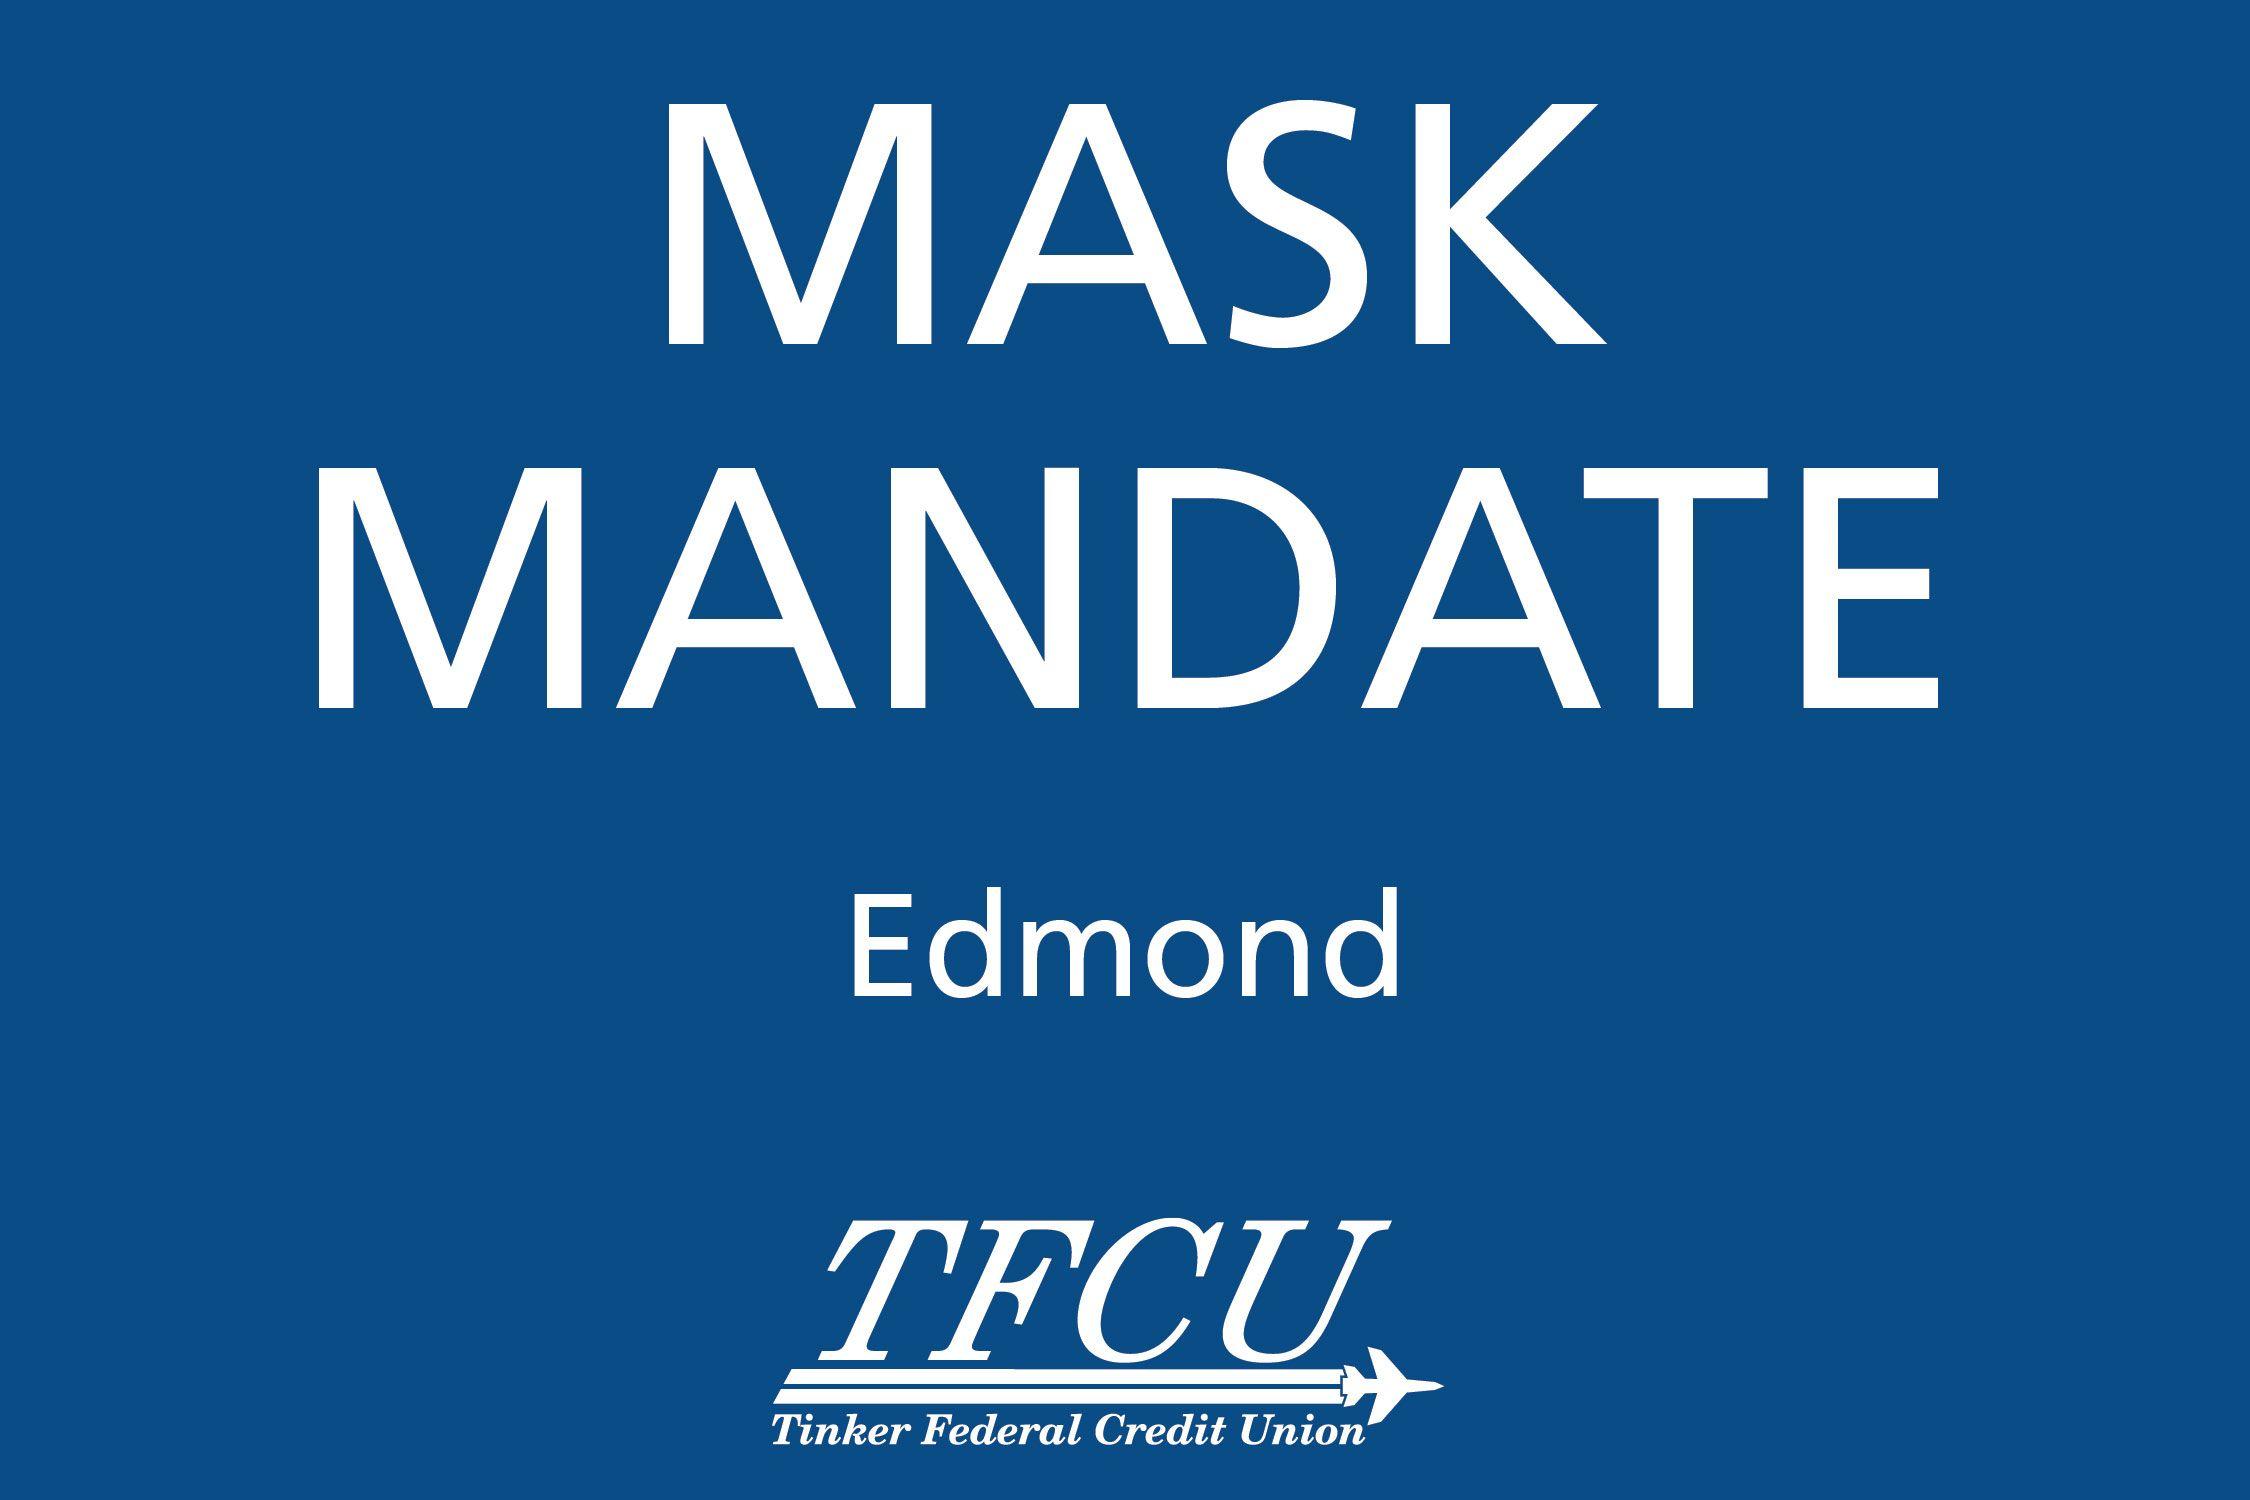 Edmond Mask Mandate